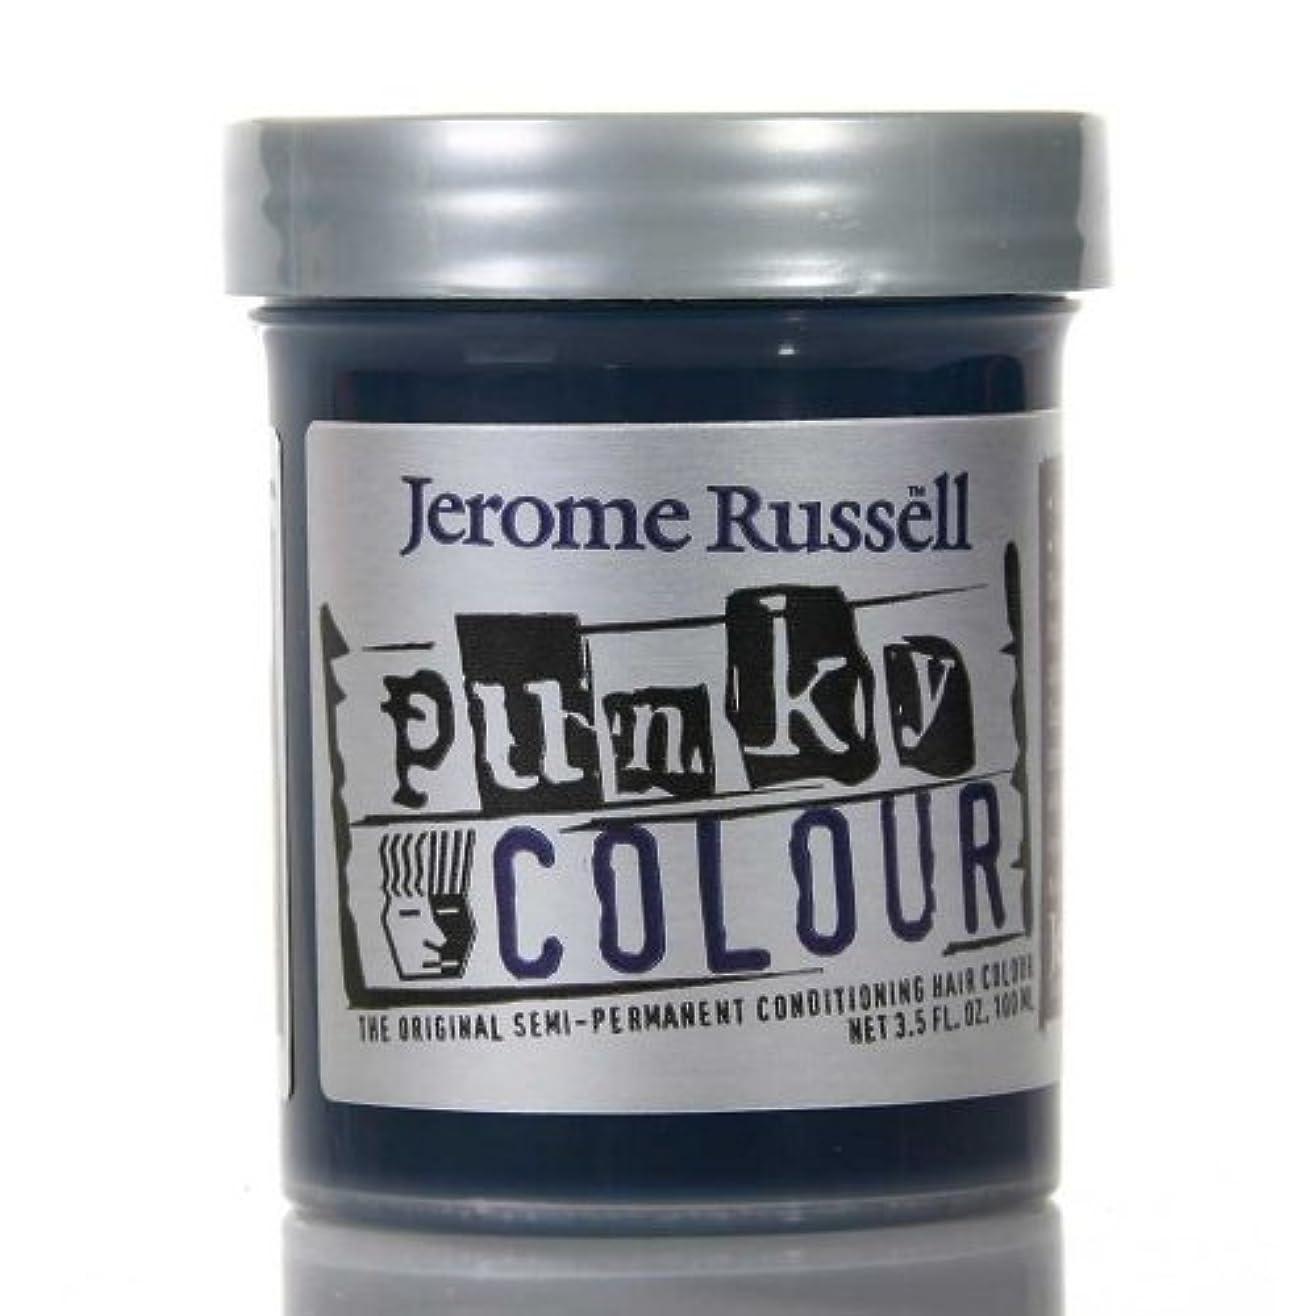 休日にボリューム著者JEROME RUSSELL Punky Color Semi-Permanent Conditioning Hair Color - Midnight Blue (並行輸入品)